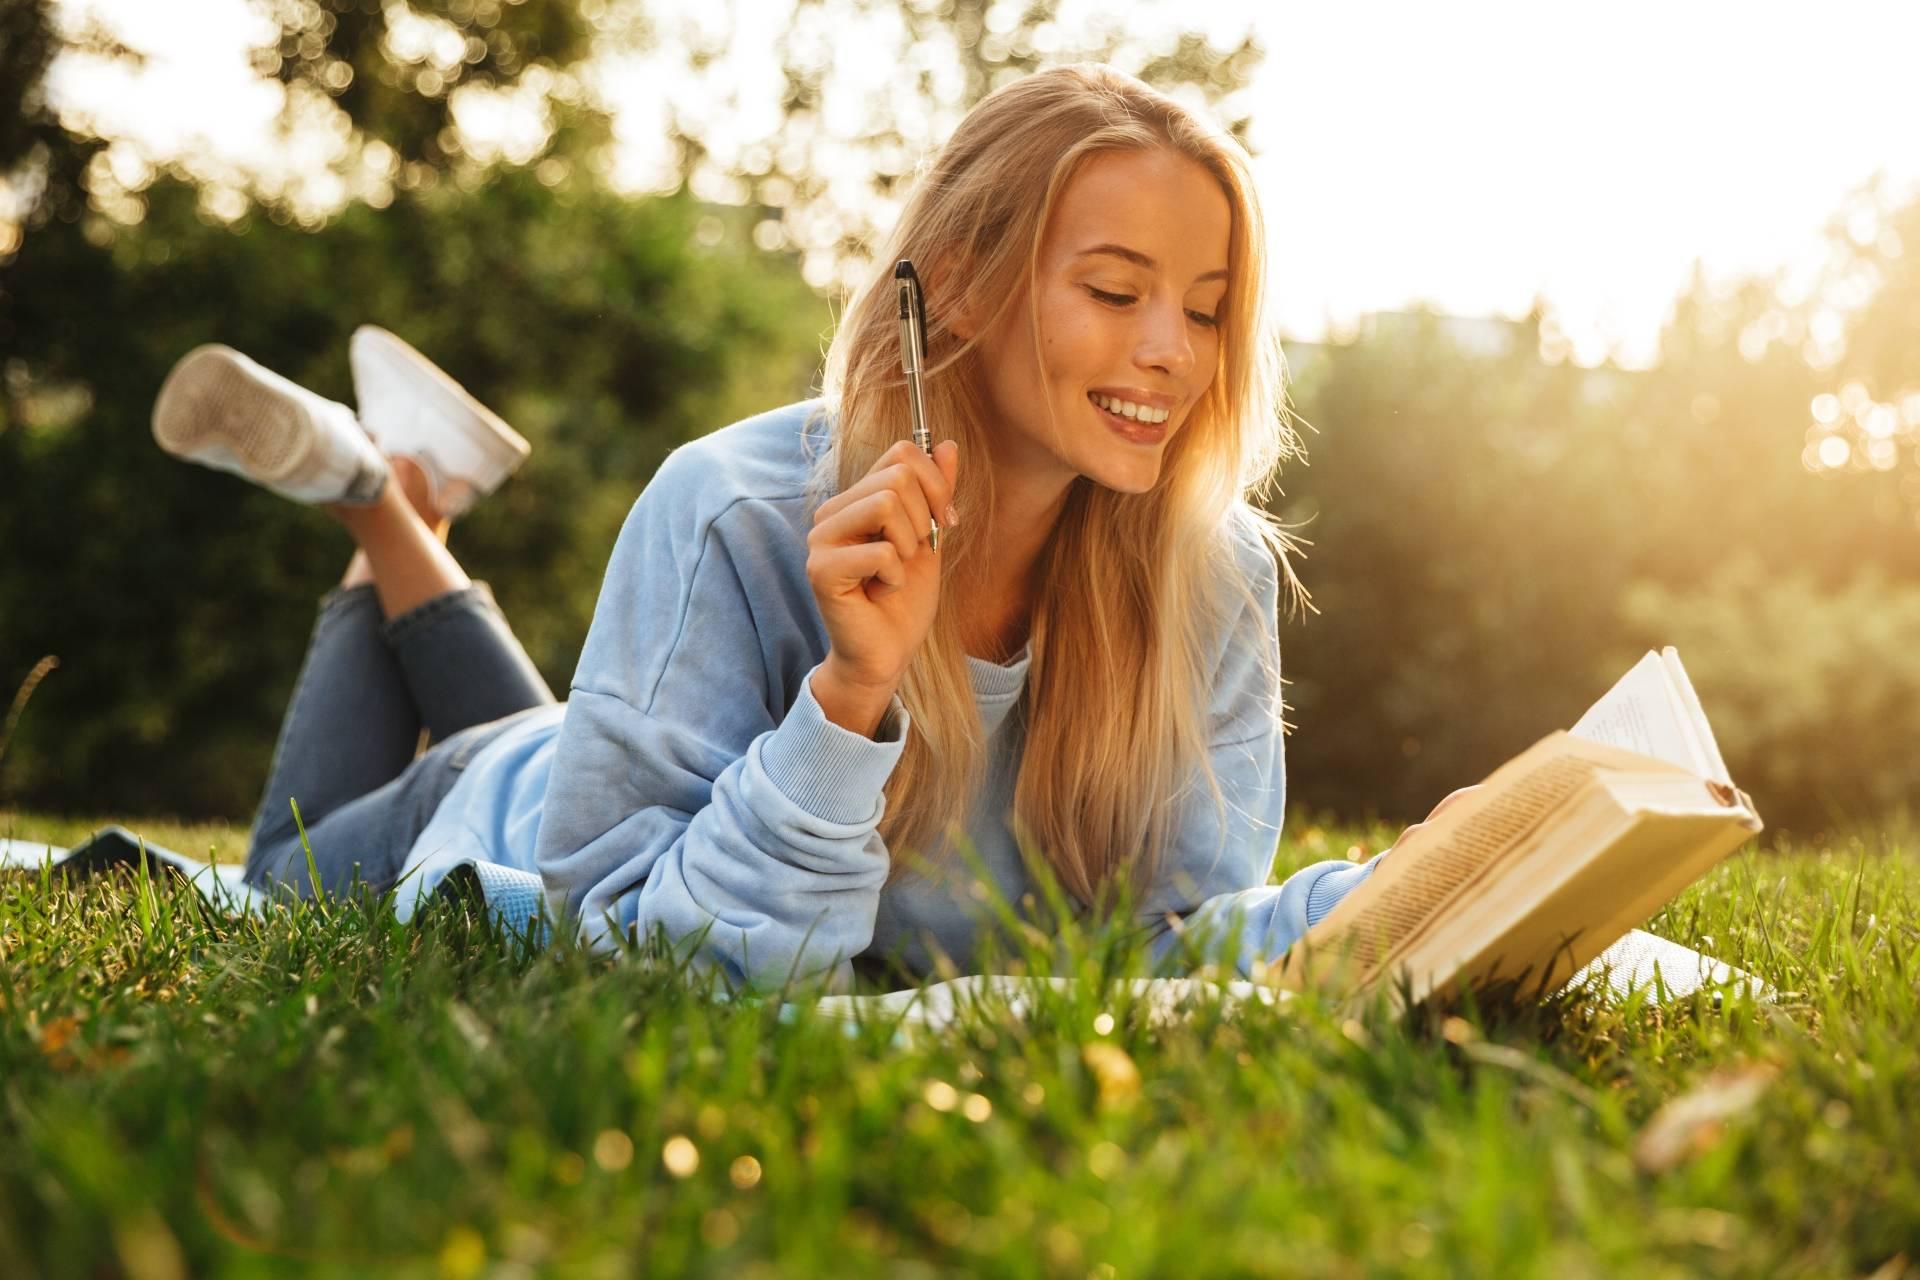 Alergia na pyłki traw i drzew. Młoda uśmiechnięta kobieta w niebieskiej bluzie leży na kocu i czyta książkę.